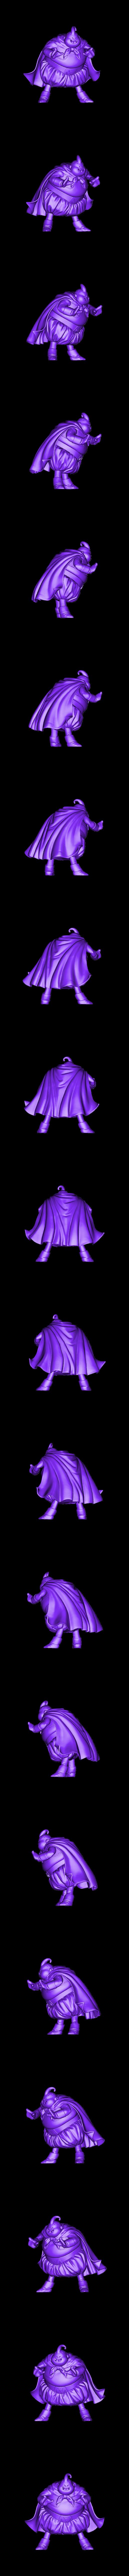 MajinBuu.stl Télécharger fichier STL gratuit Buu Dragon Ball Z • Objet pour impression 3D, Gatober